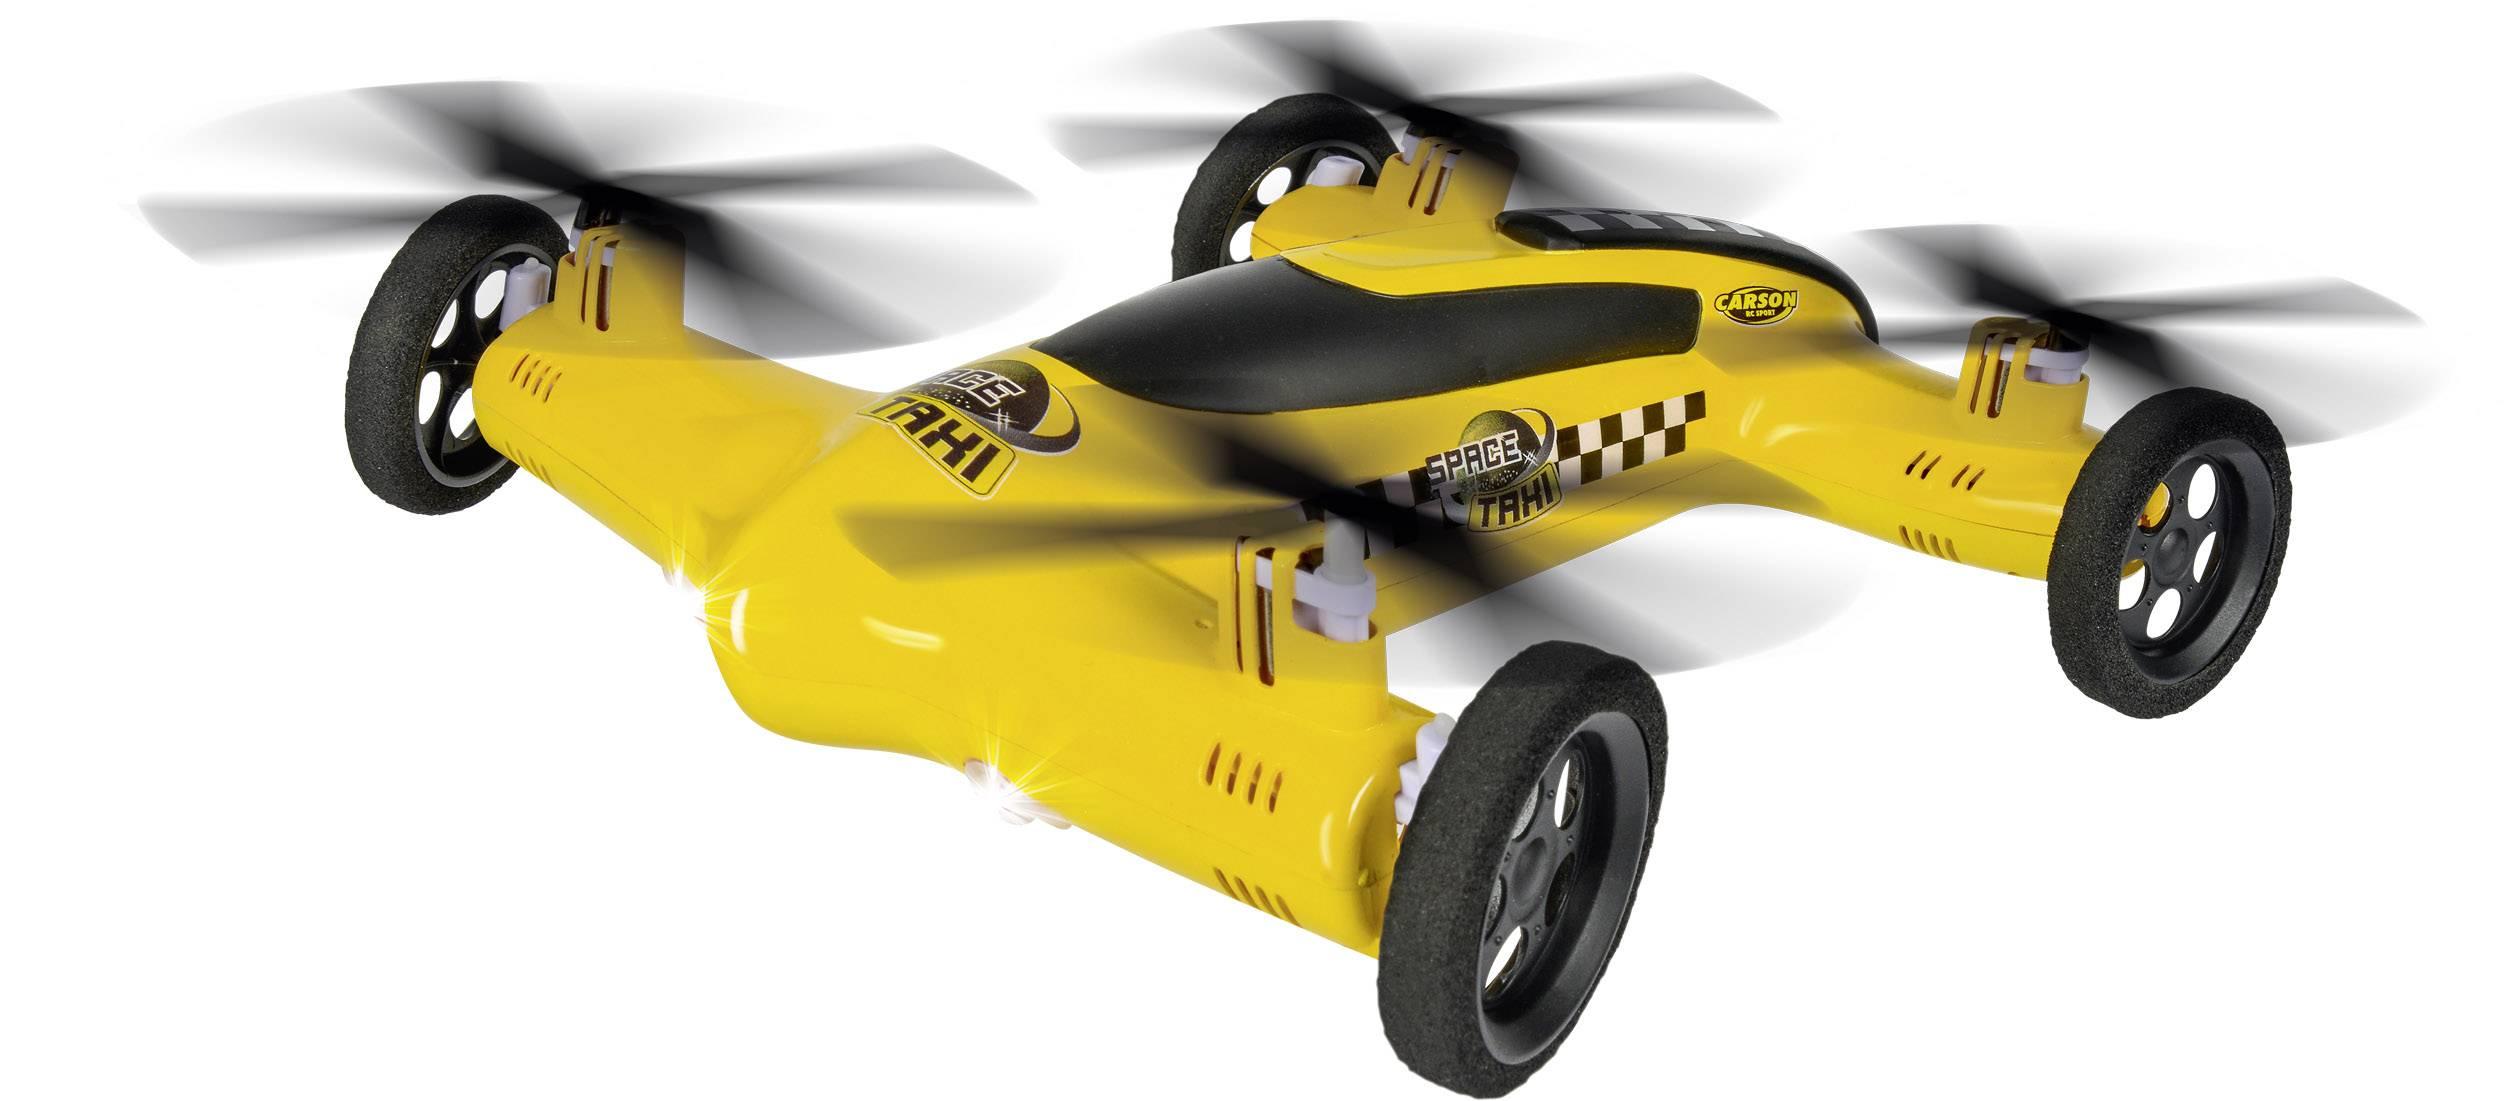 Hybridní kvadrokoptéra pro začátečníky Carson Modellsport Space Taxi, RtF